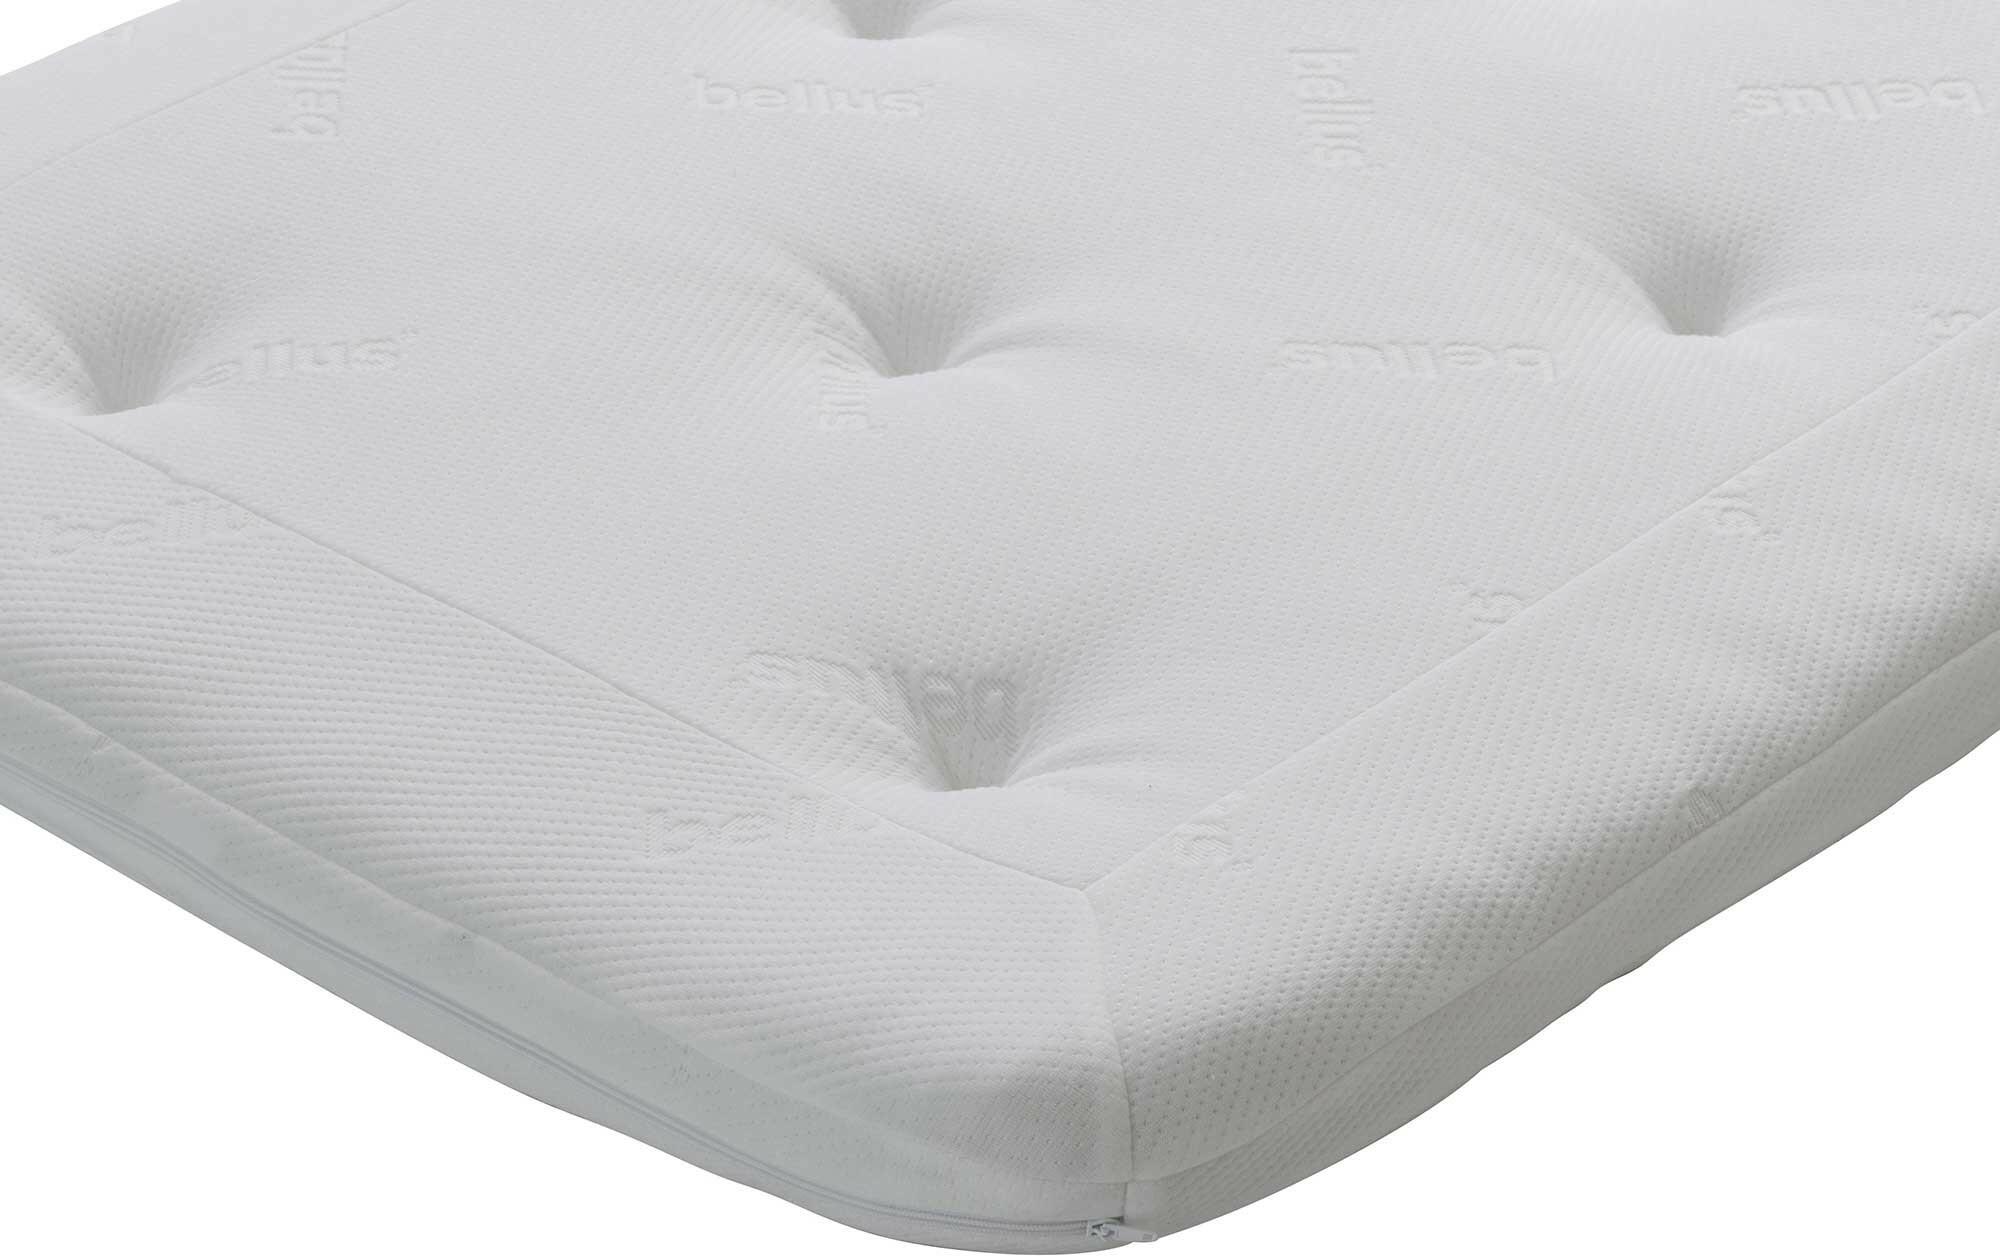 Muita makuuhuoneen tekstiilejä, kuten helmalakanoita, patjan- ja tyynynsuojuksia sekä tossuja.